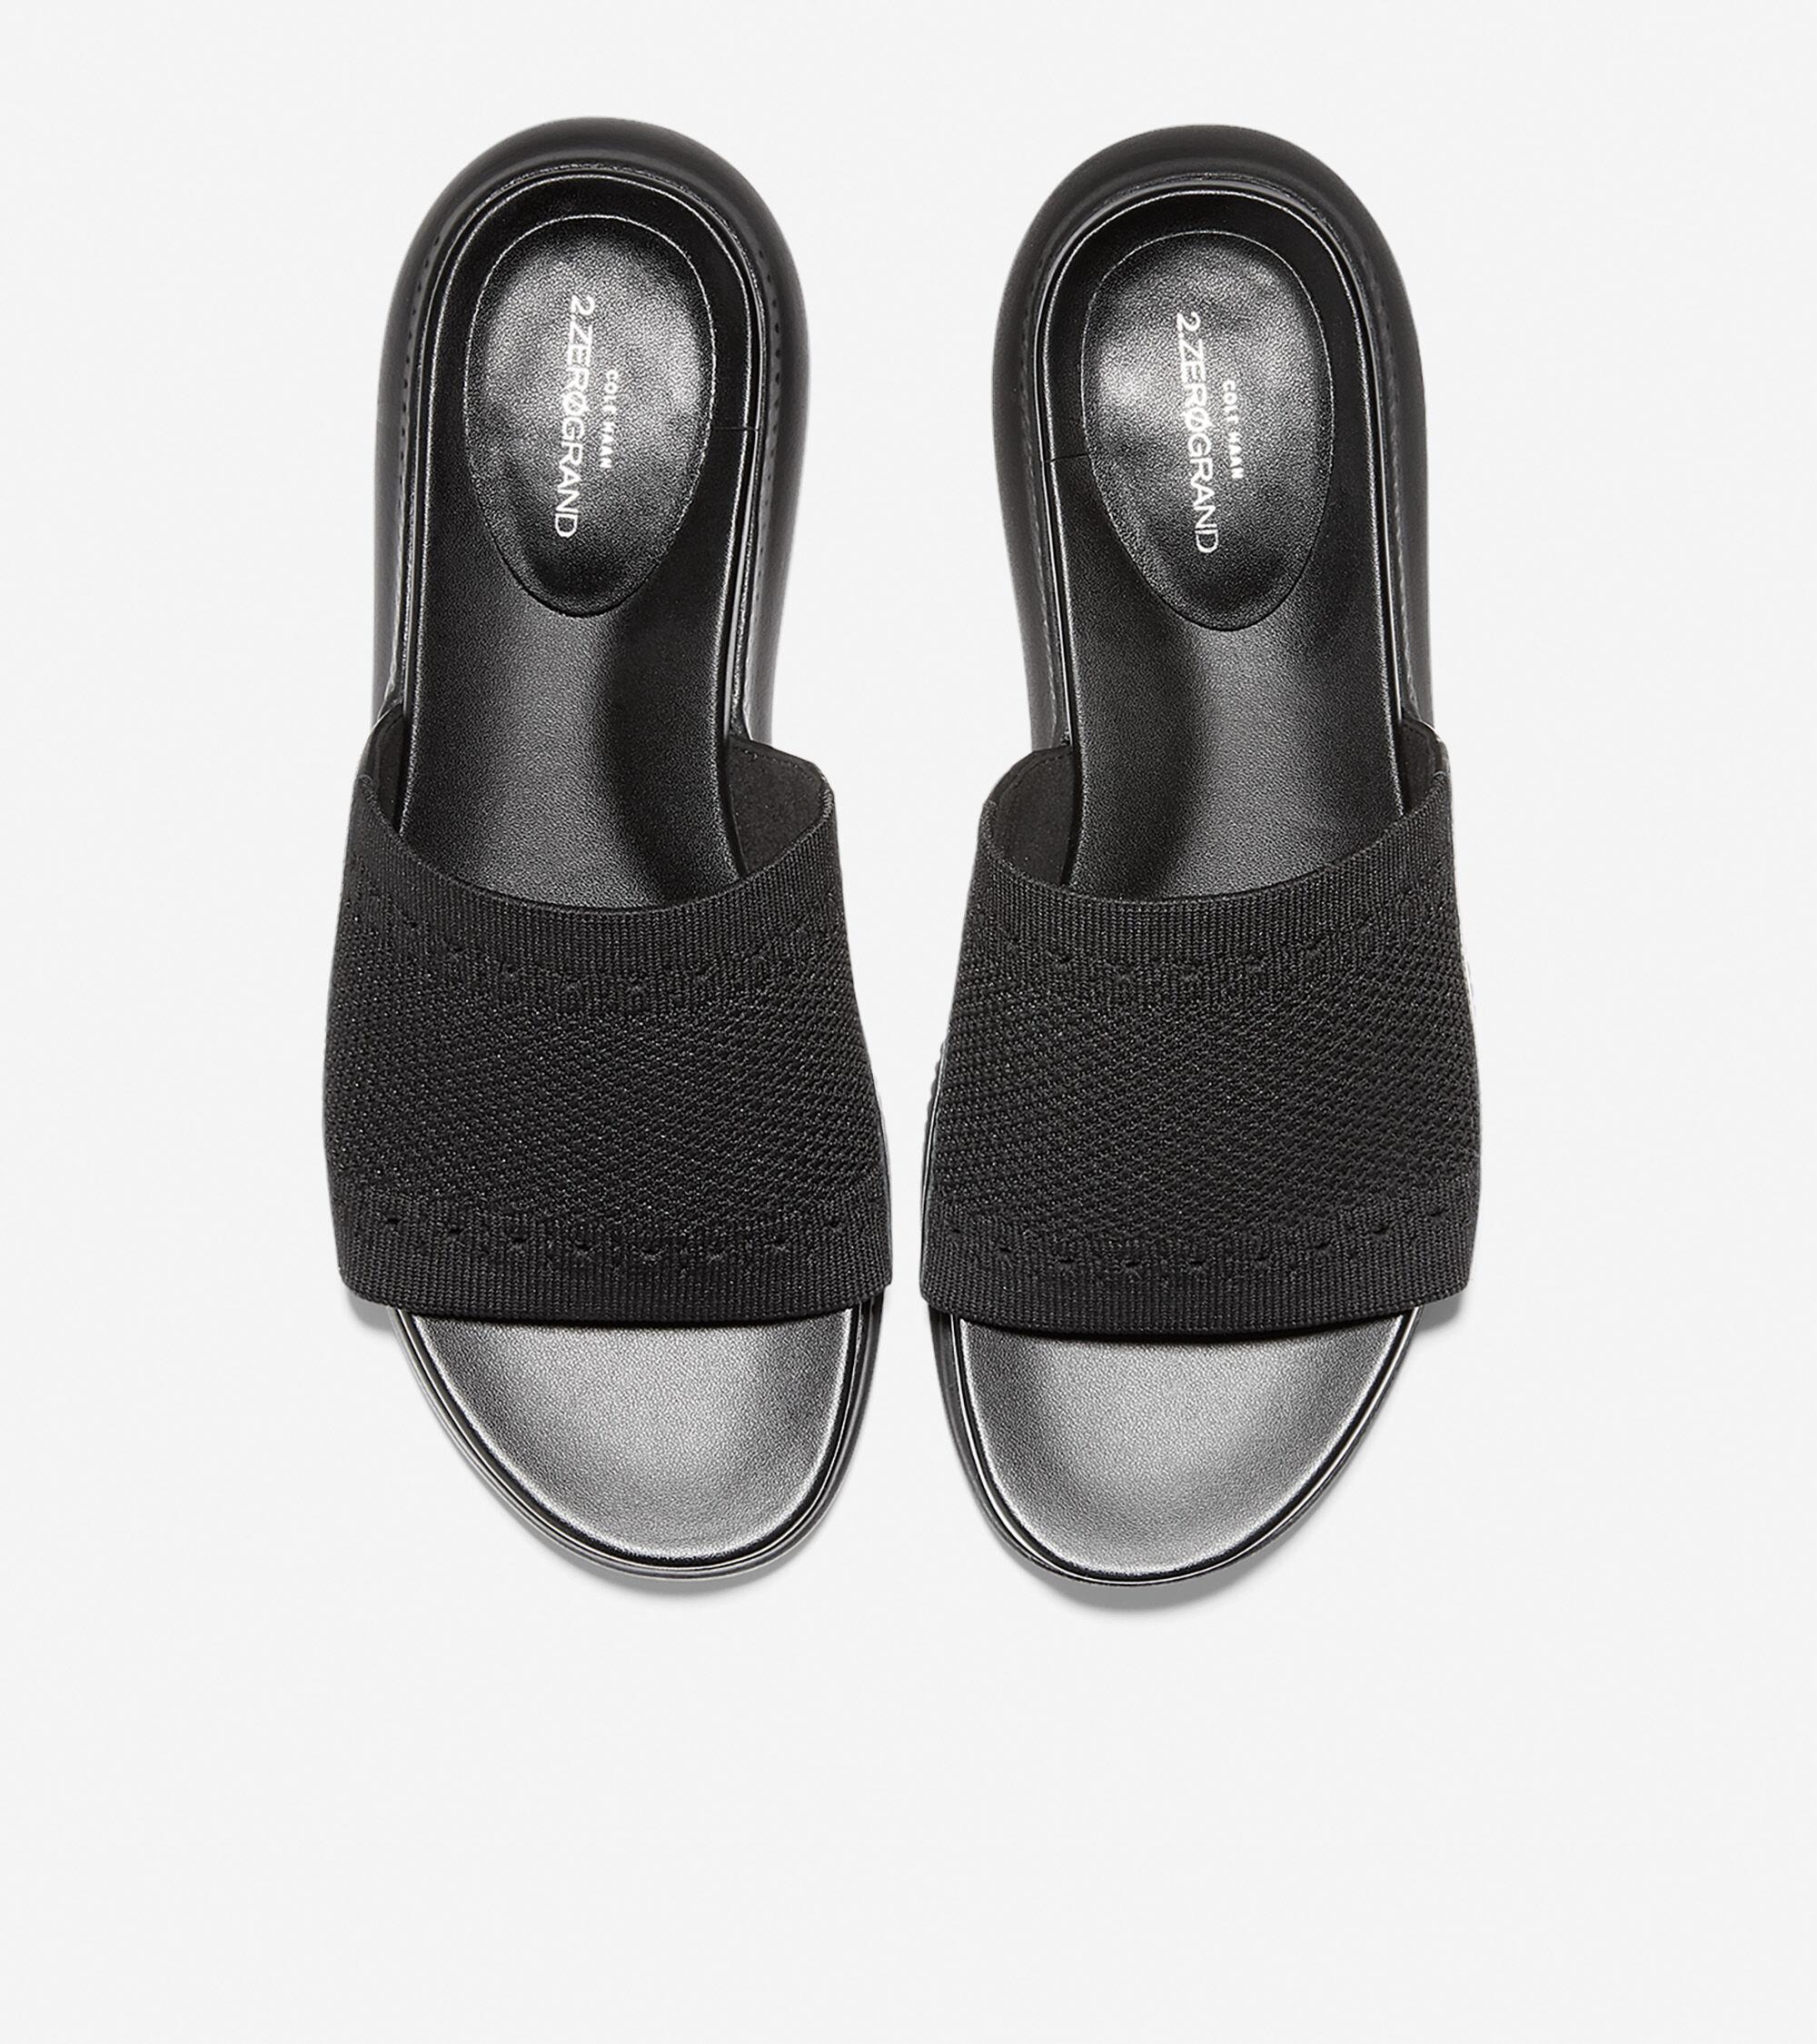 c6258203ef5 Women s 2.ZEROGRAND Stitchlite Slide Sandals in Black